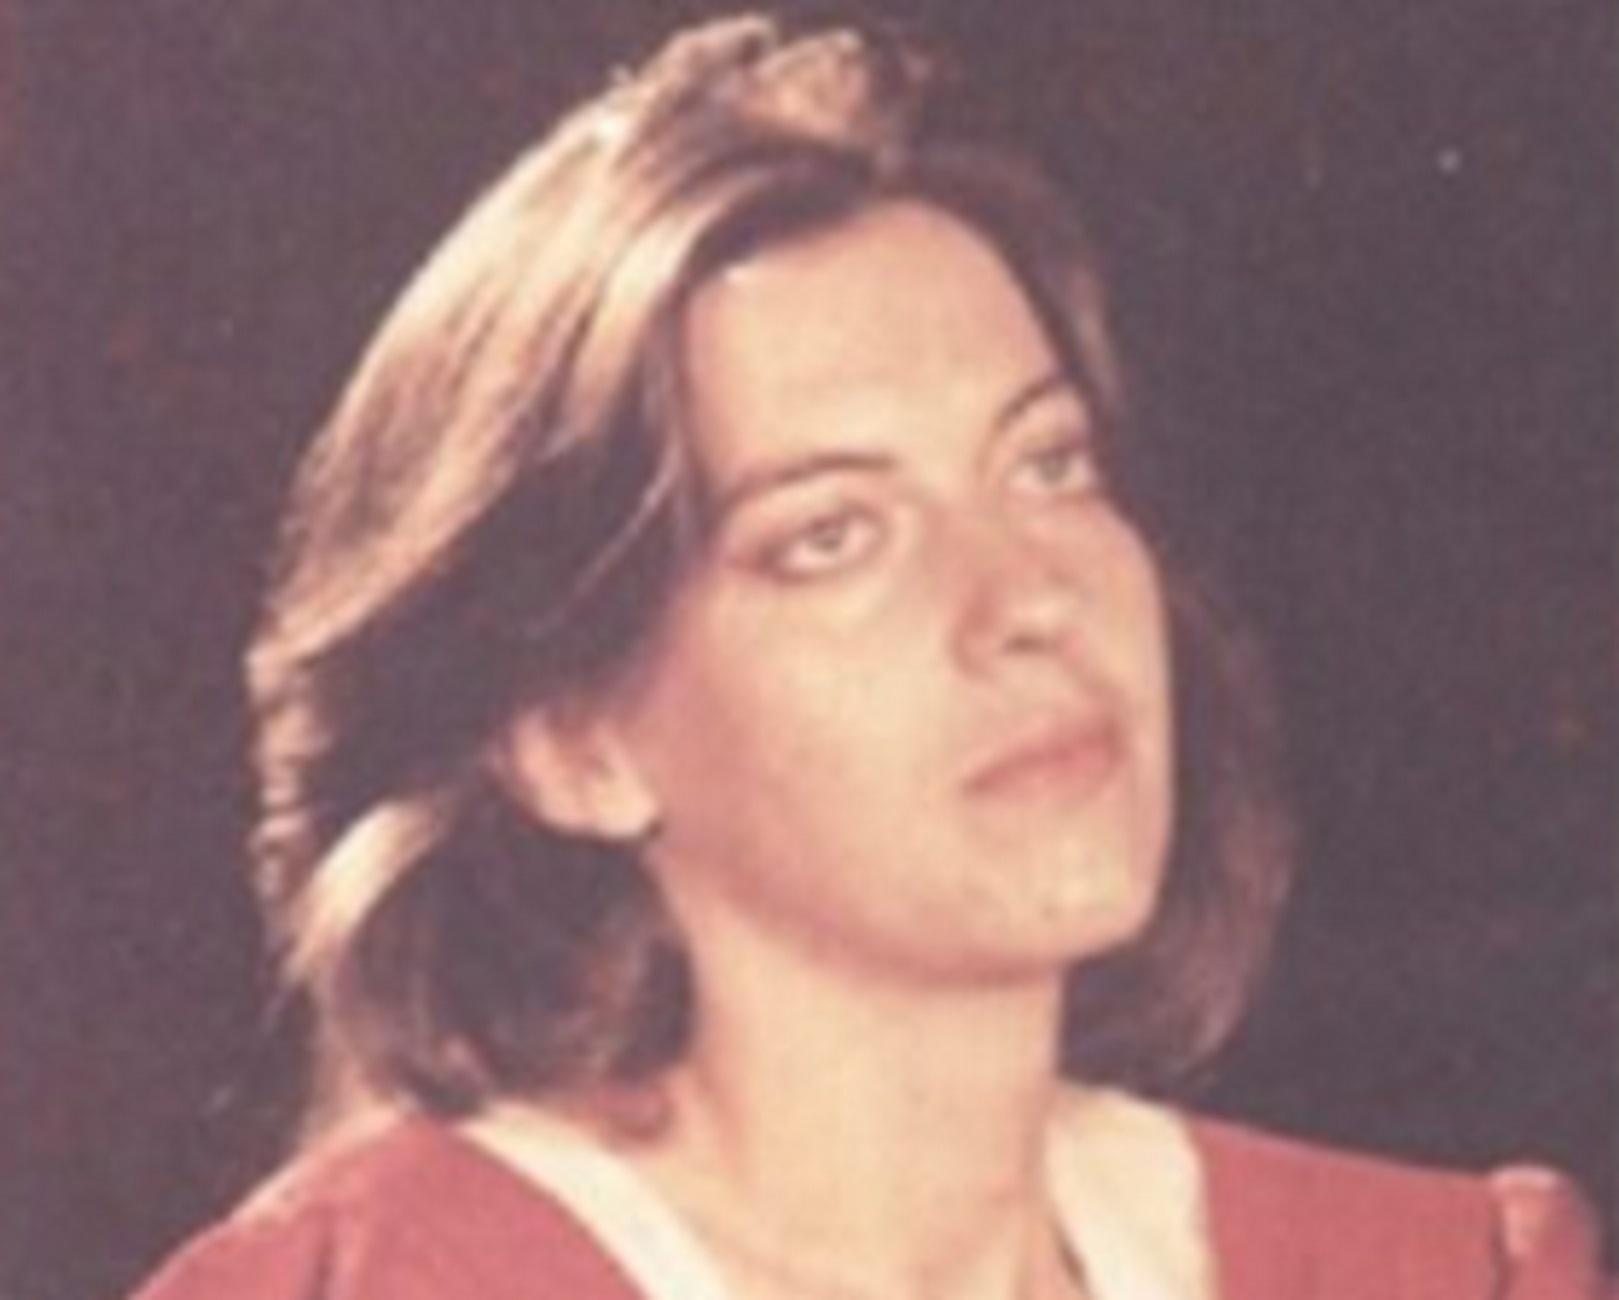 Μαγνησία: Πέθανε η ηθοποιός Βίκυ Ψαλτίδου! Ήταν η σύζυγος του δημάρχου Ζαγοράς